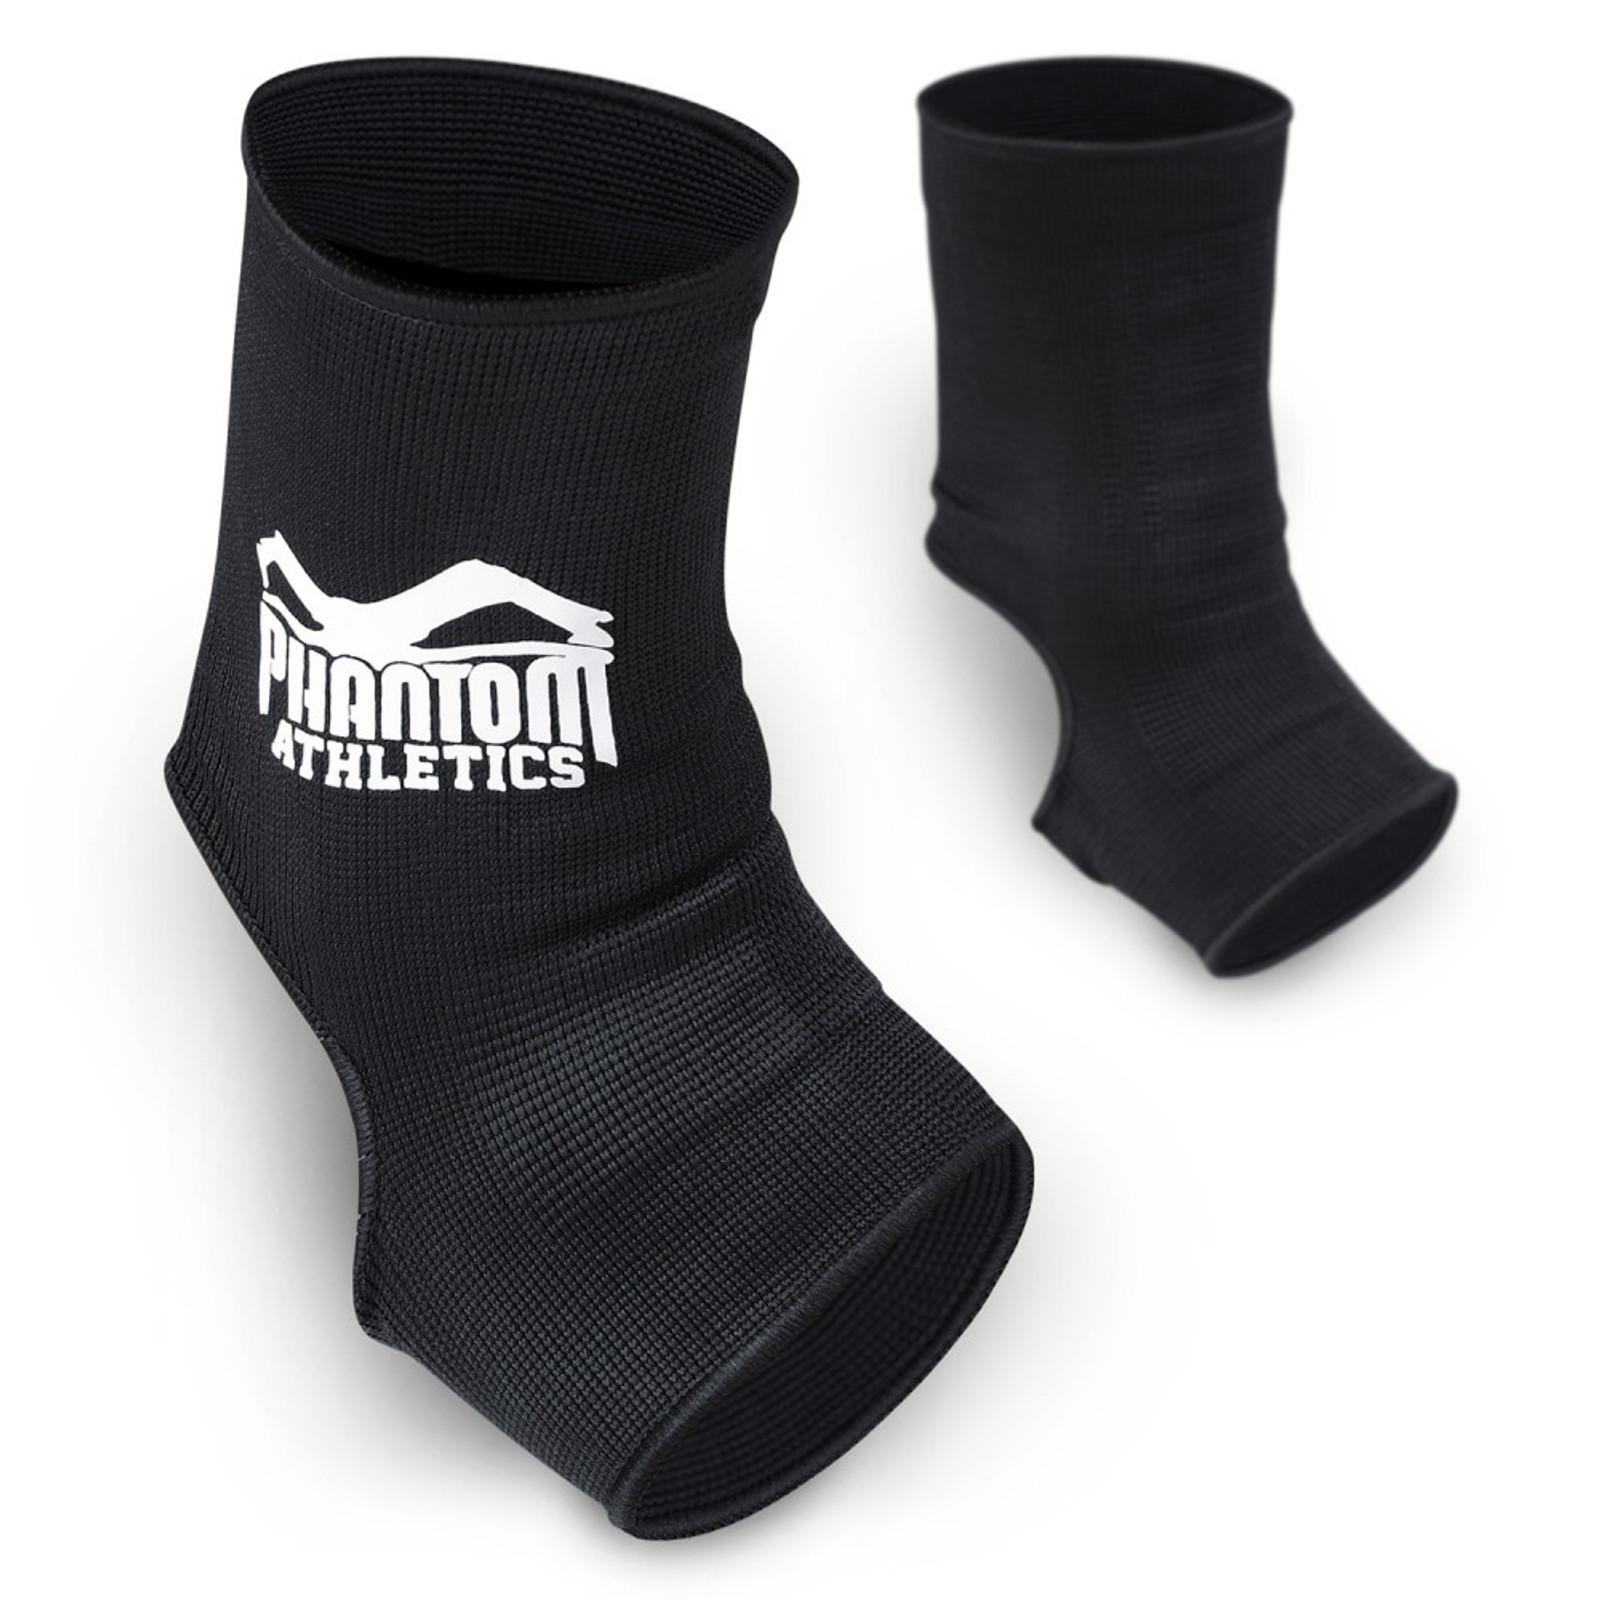 Phantom Athletics Fußbandage Impact